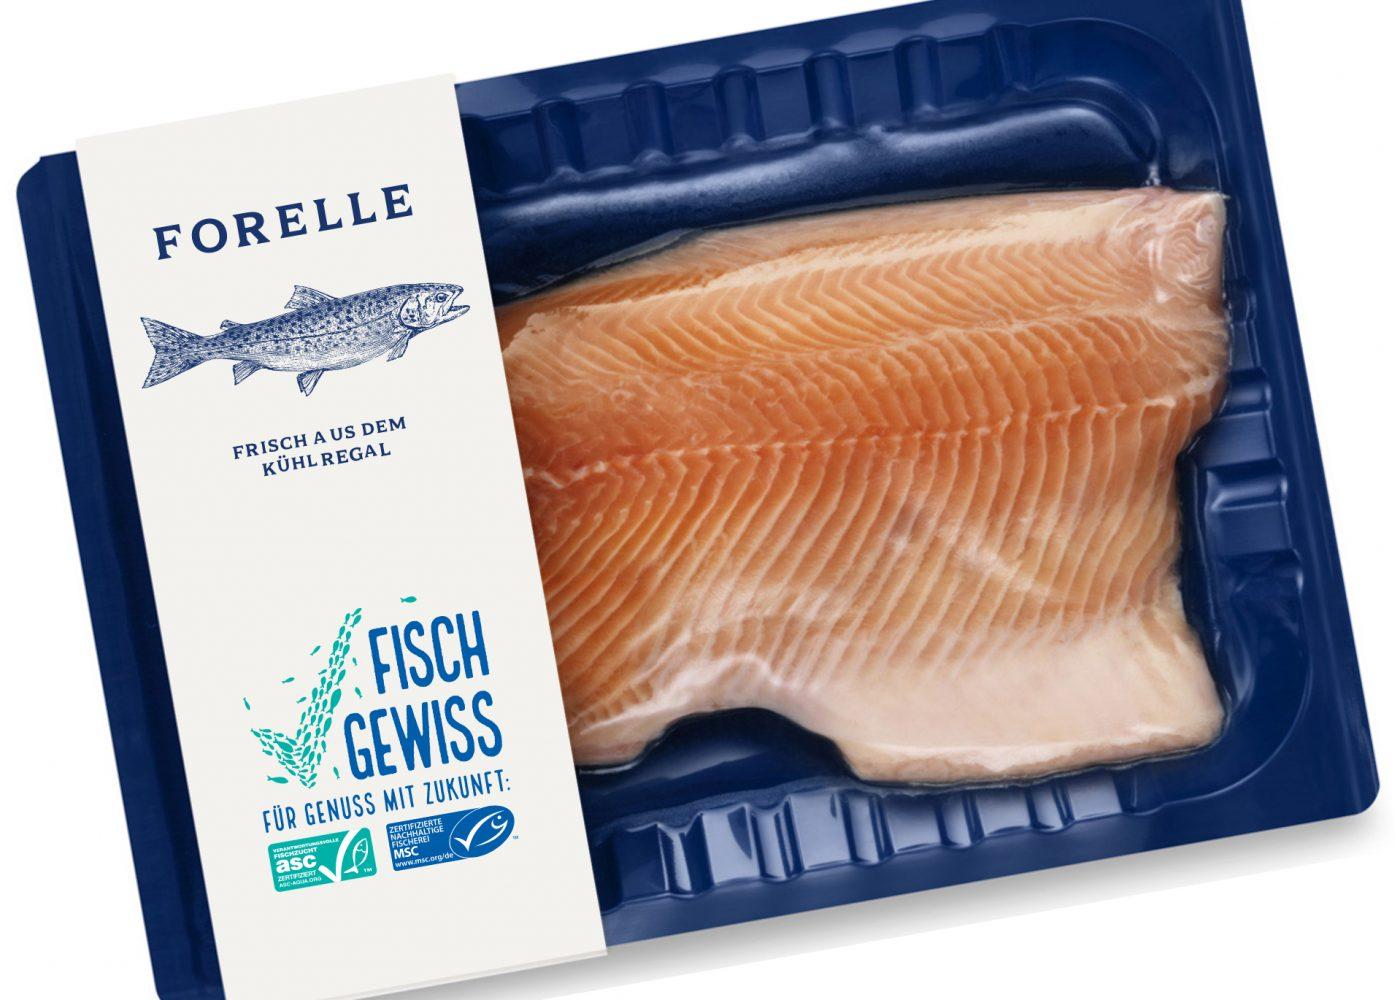 Fisch Gewiss Verpackung